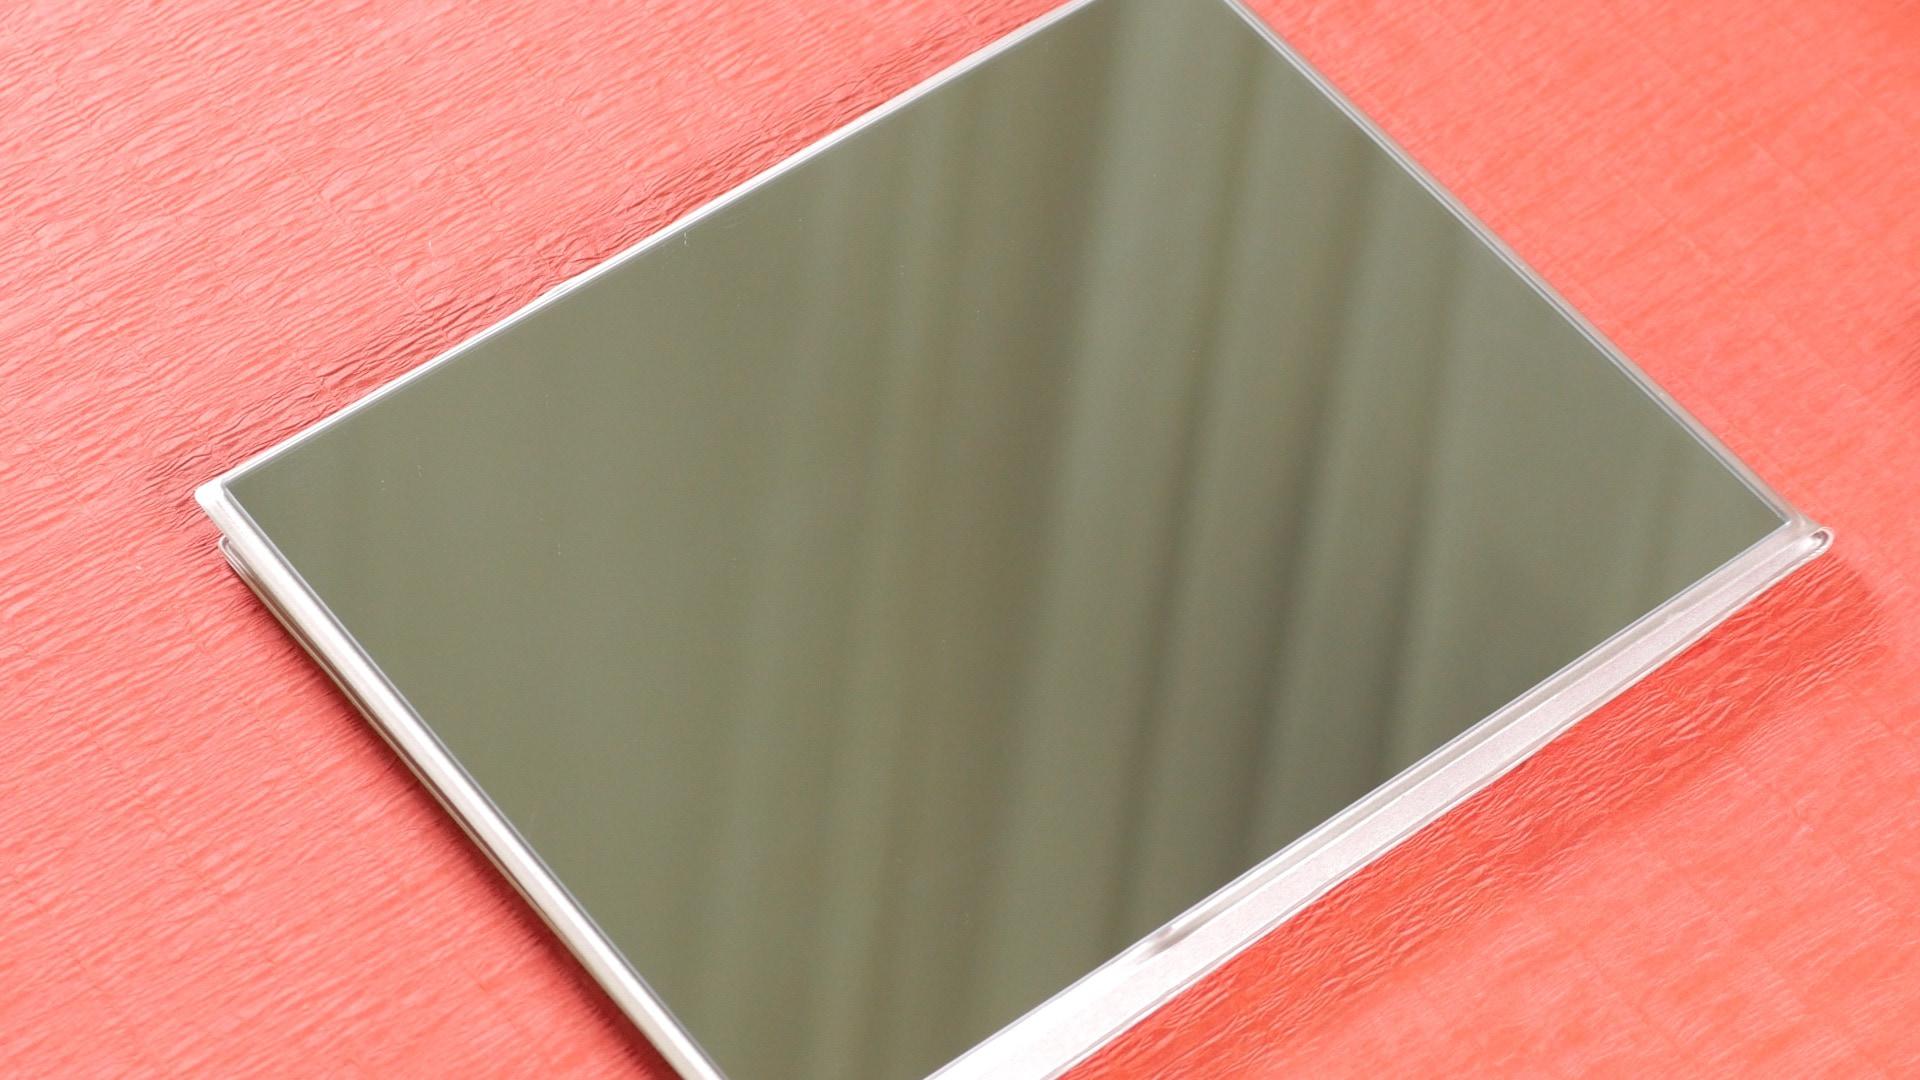 【DIY】メイクアップミラーの汚れの取り方・防止法